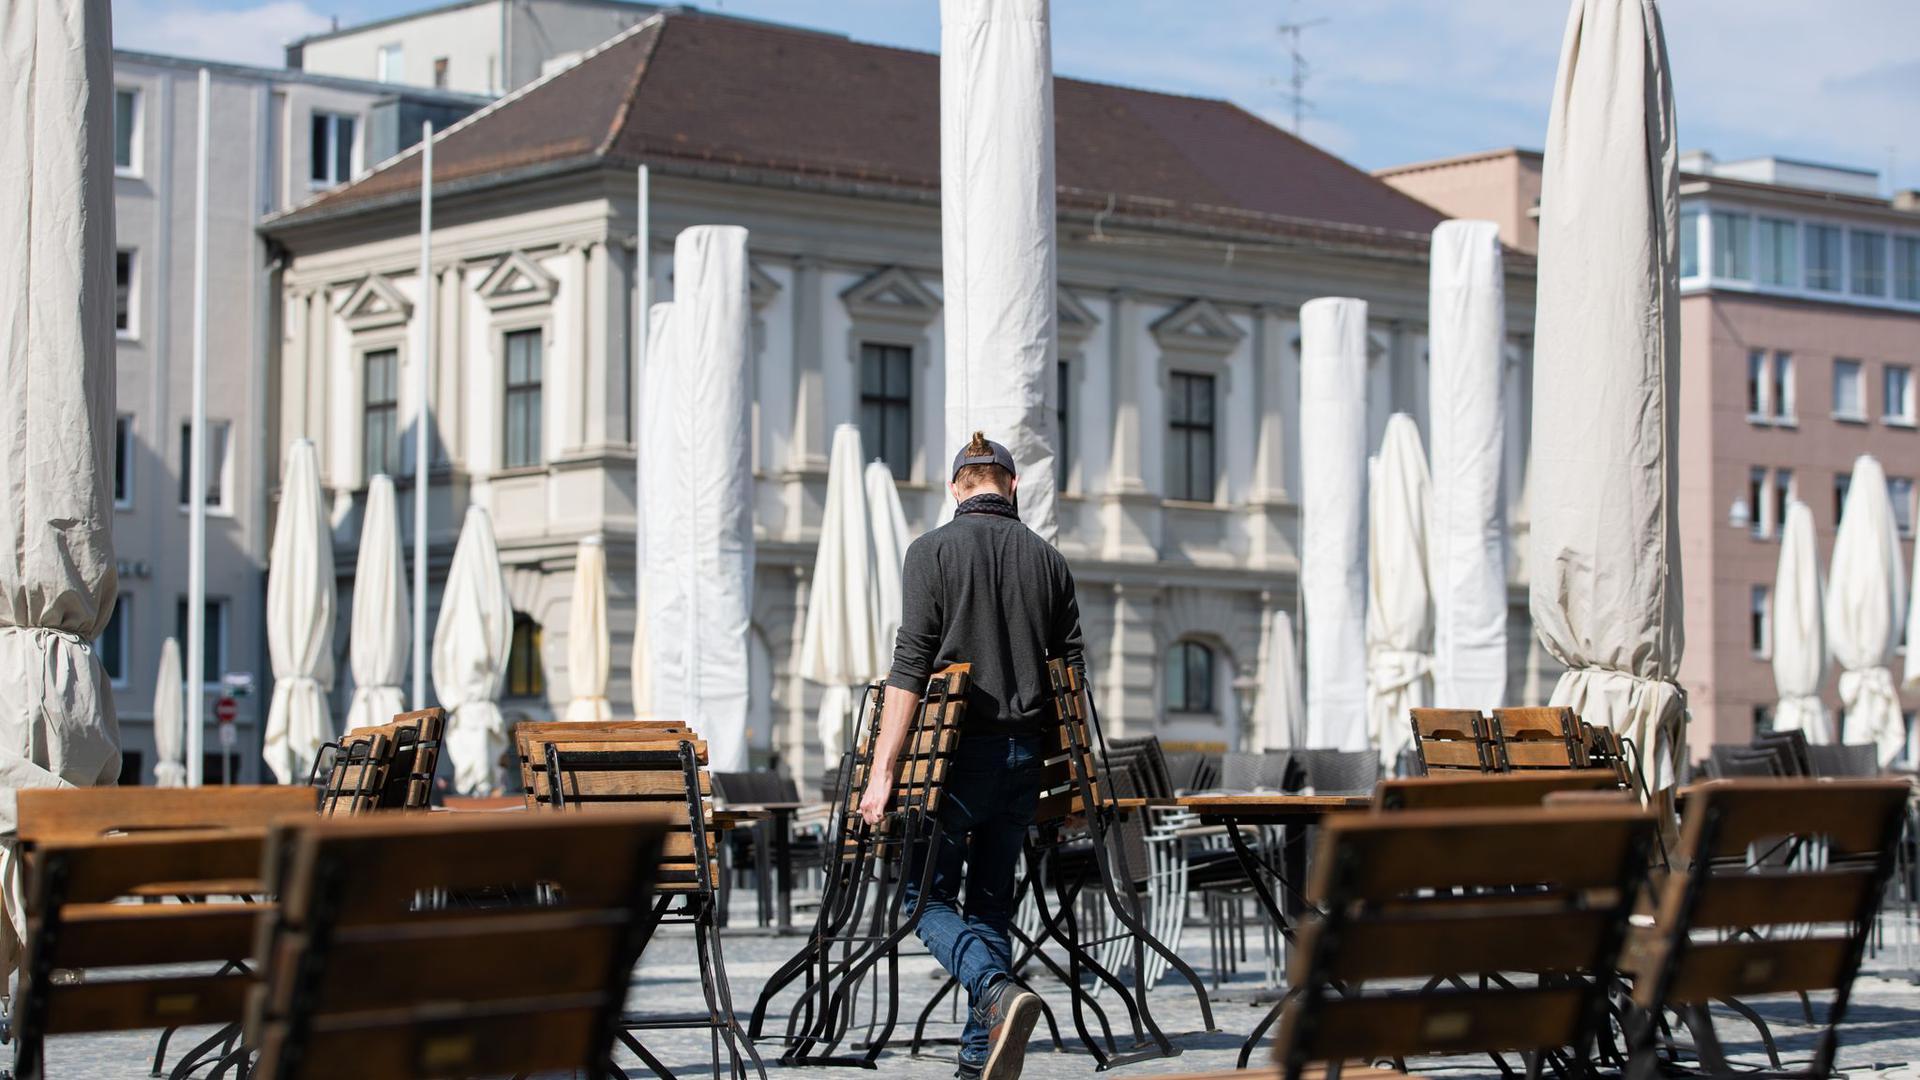 Resuarant in Augsburg. Der zweite Lockdown droht und Gastwirte machen sich Sorgen um ihre wirthschaftliche Existenz.